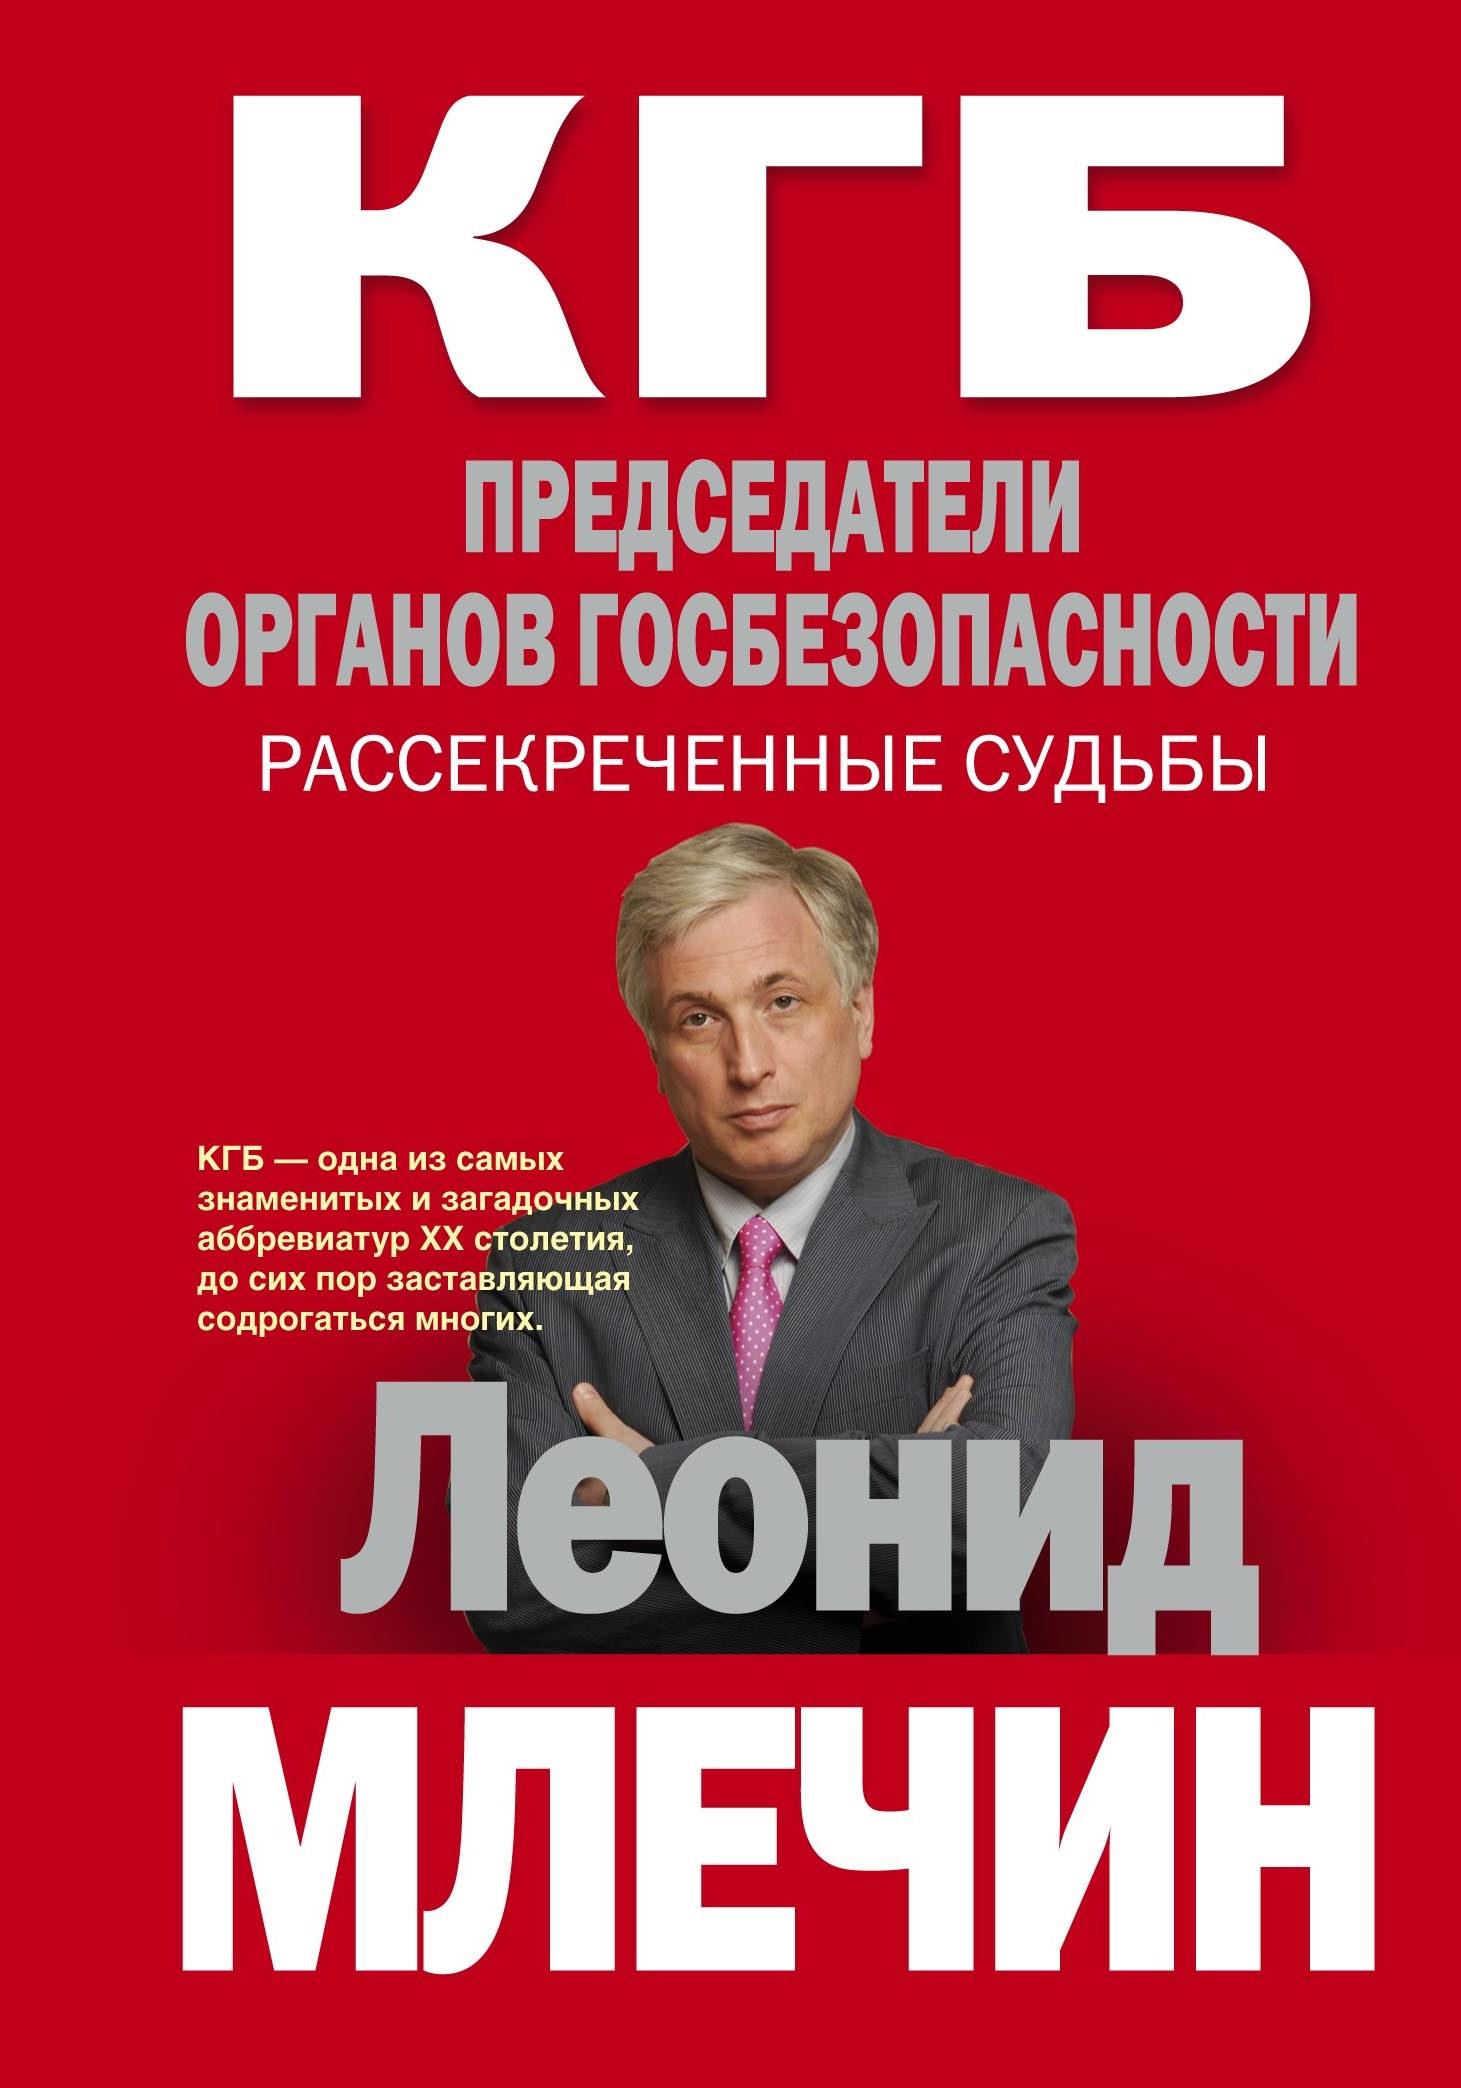 Леонид Млечин КГБ. Председатели органов госбезопасности. Рассекреченные судьбы